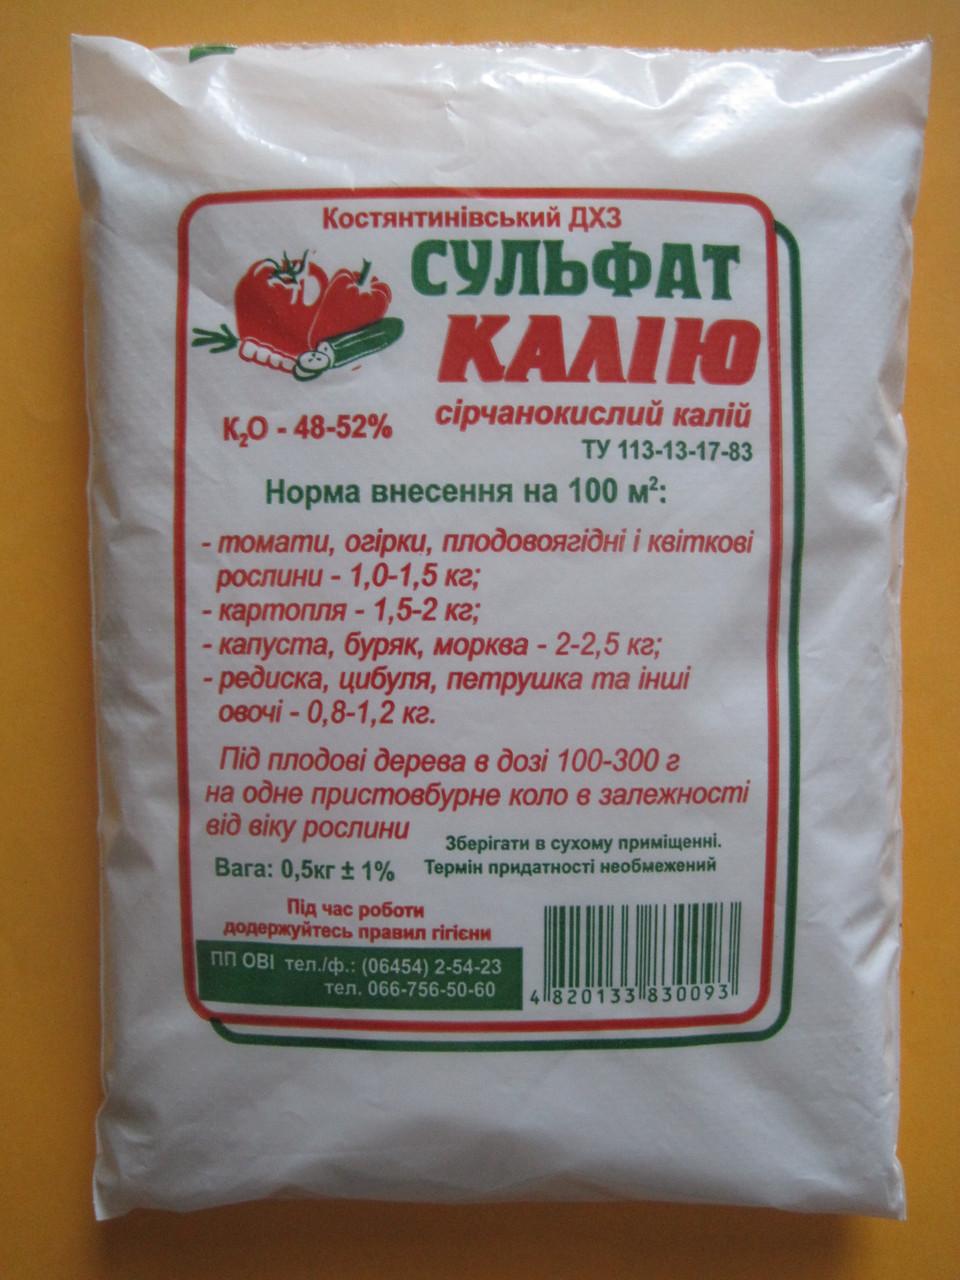 Сульфат калия (калий сернокислый) 0,5кг K-52%